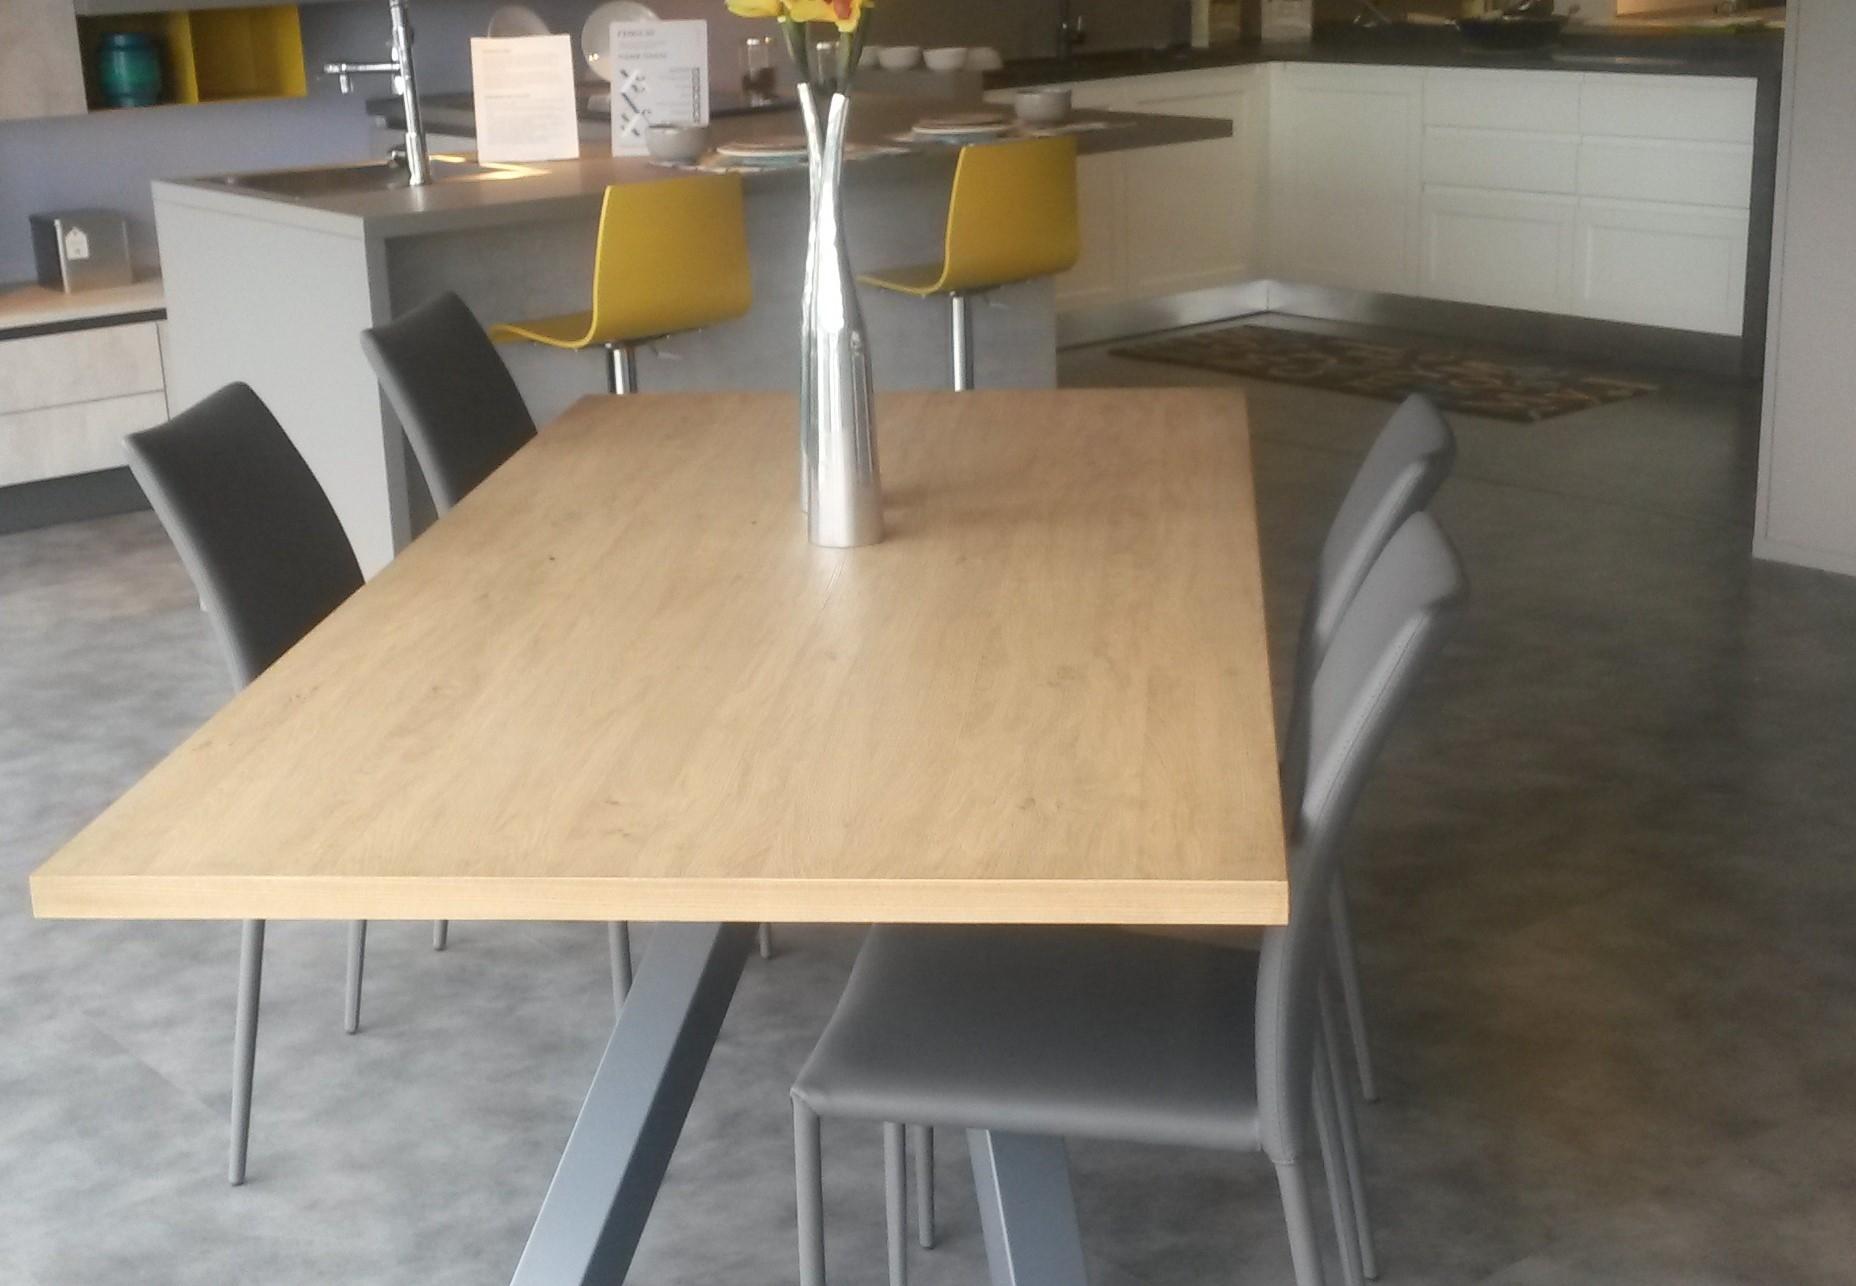 Tavolo di lazzaro tavolo mod materia fisso rettangolari fissi tavoli a prezzi scontati - Prezzi tavoli di lazzaro ...